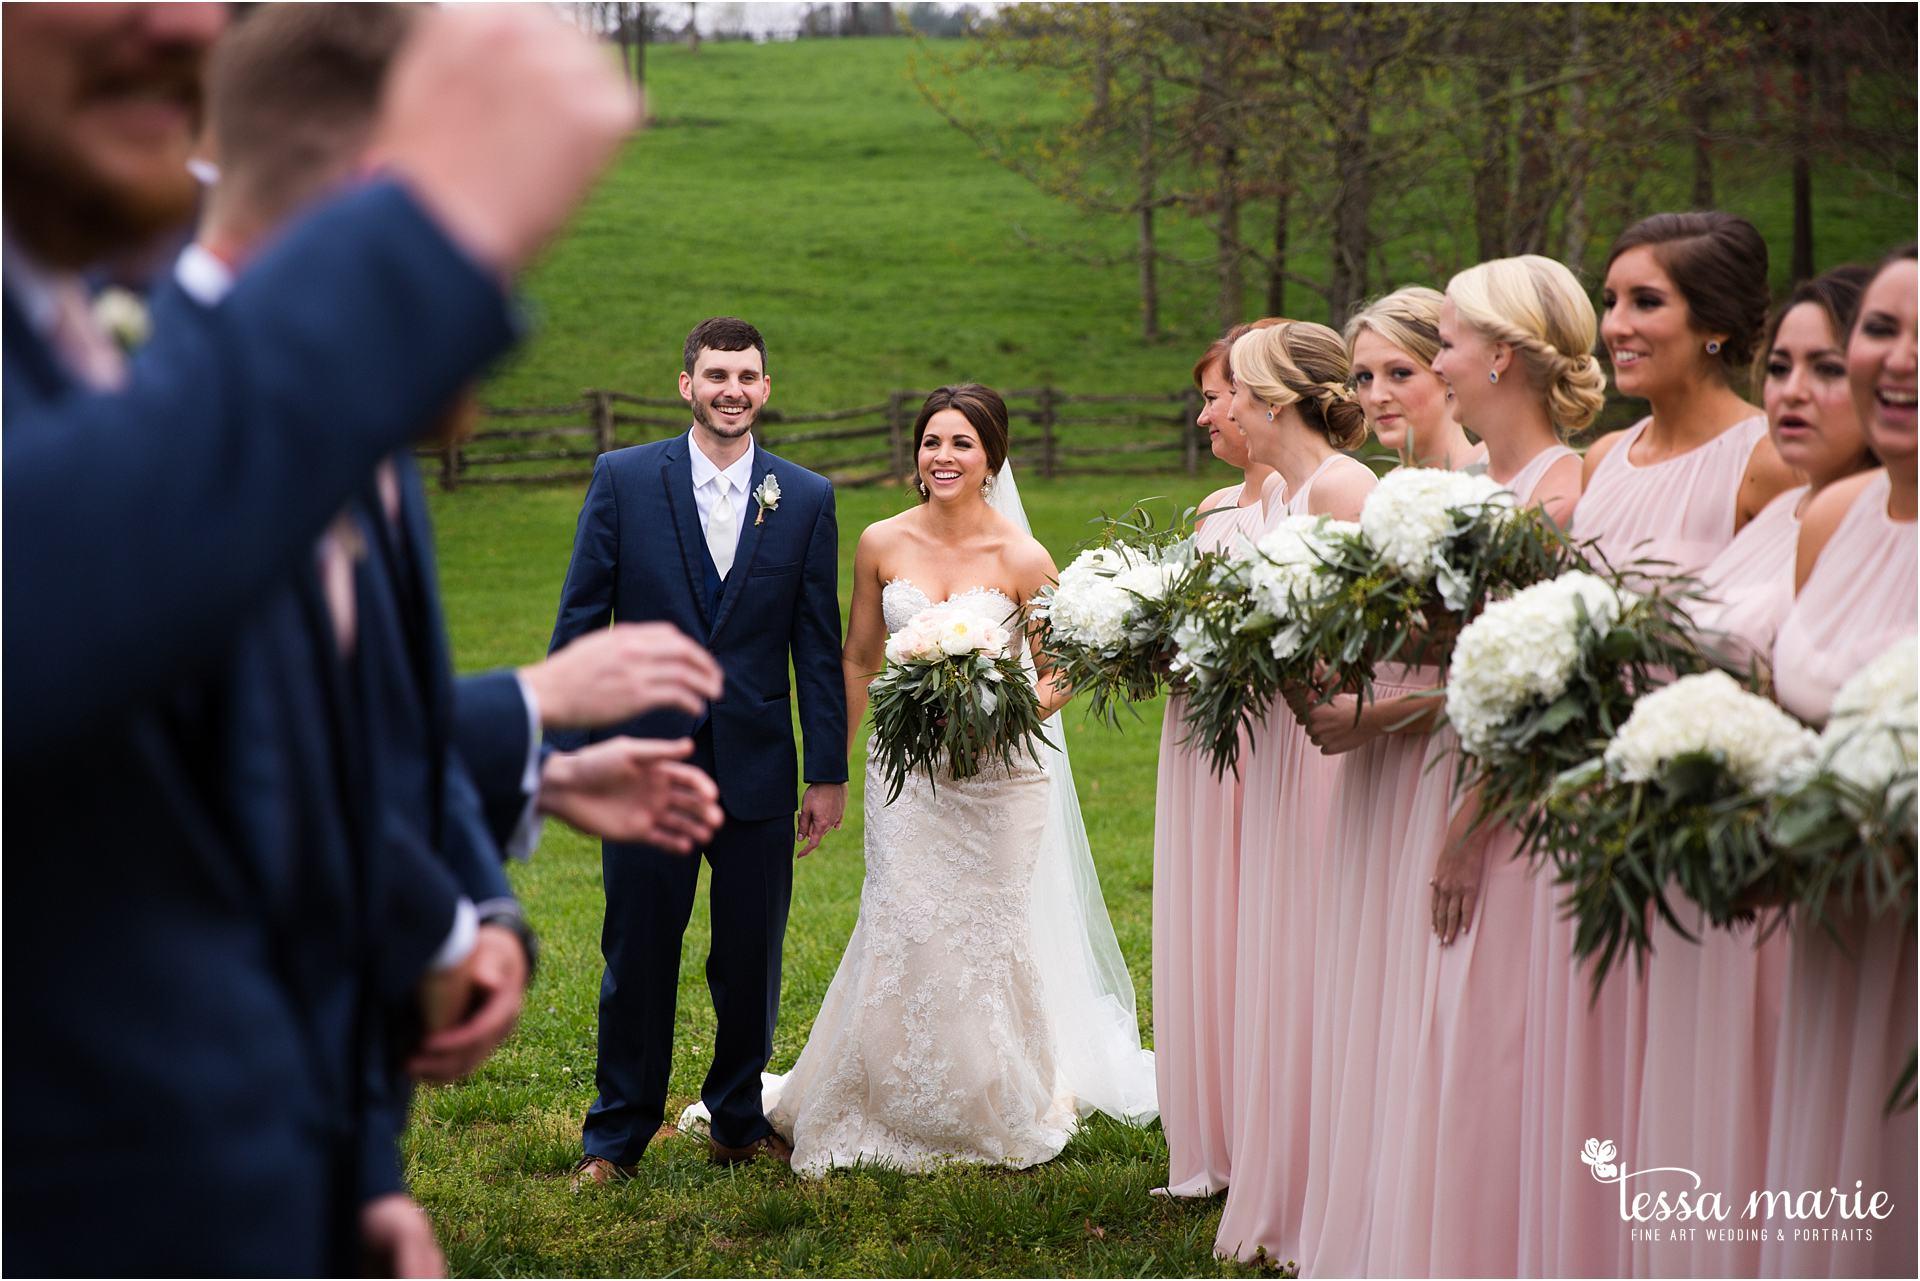 032216_brittany_kevin_wedding-95